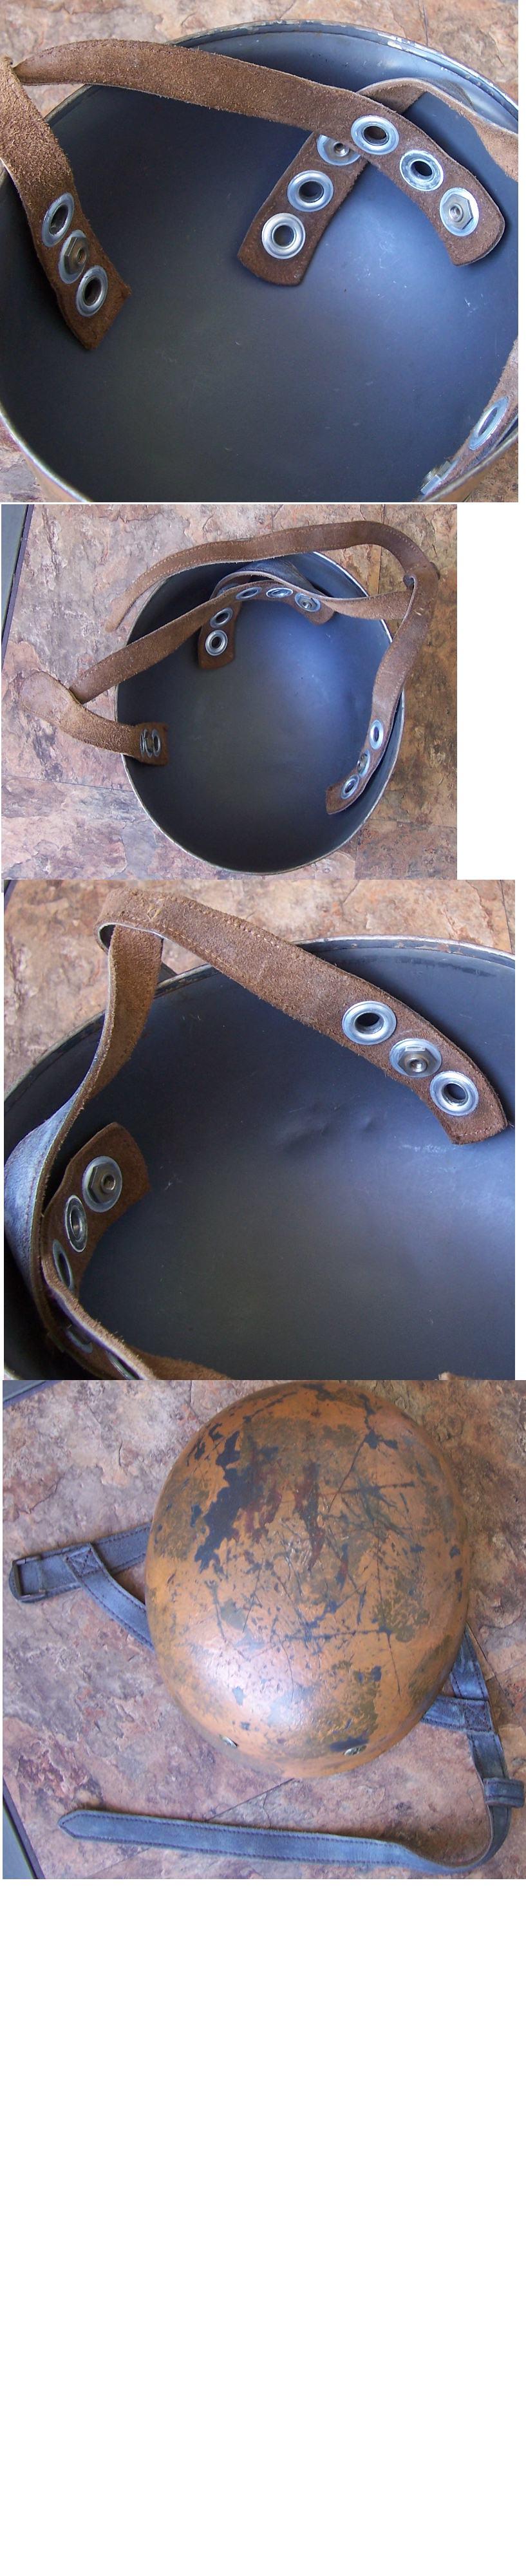 Reinactors Paratrooper helmet